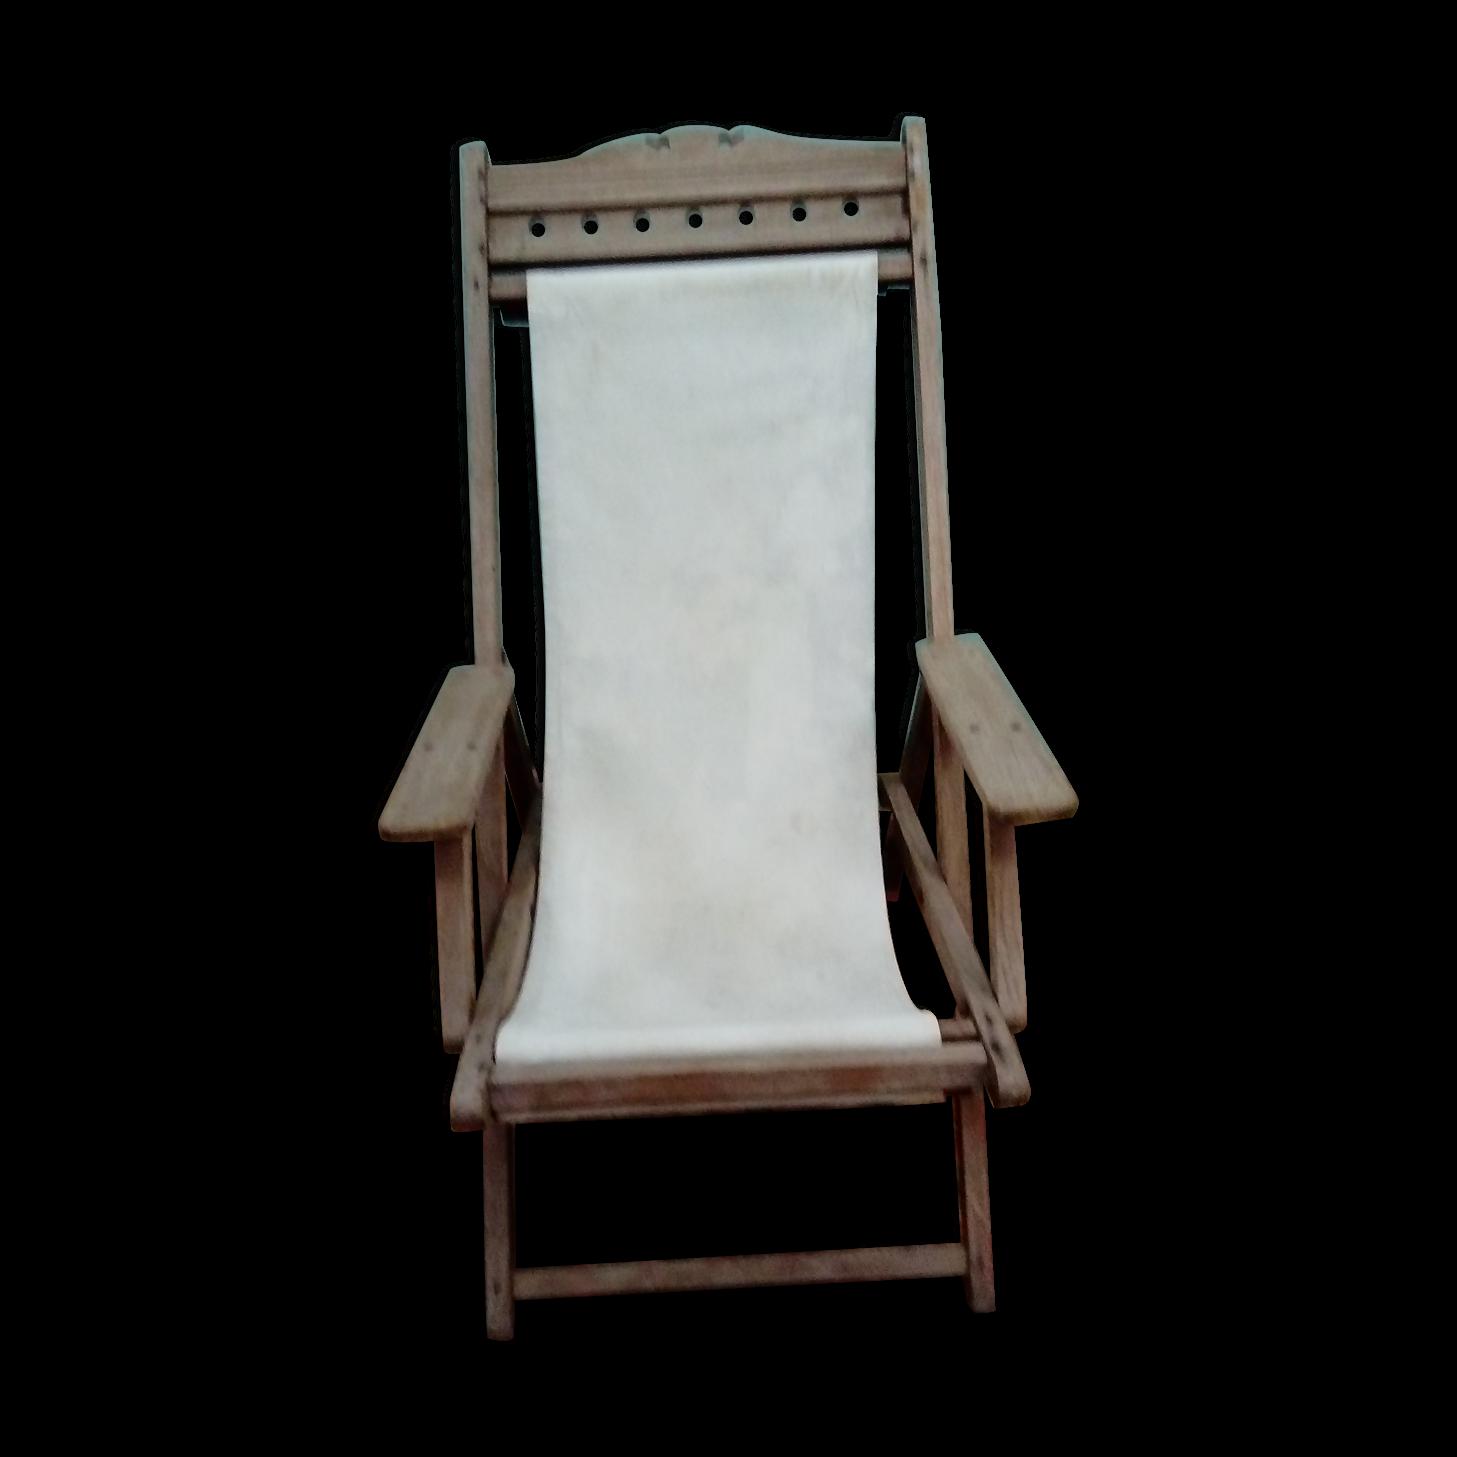 chaise longue en teck interesting transat bain de soleil. Black Bedroom Furniture Sets. Home Design Ideas